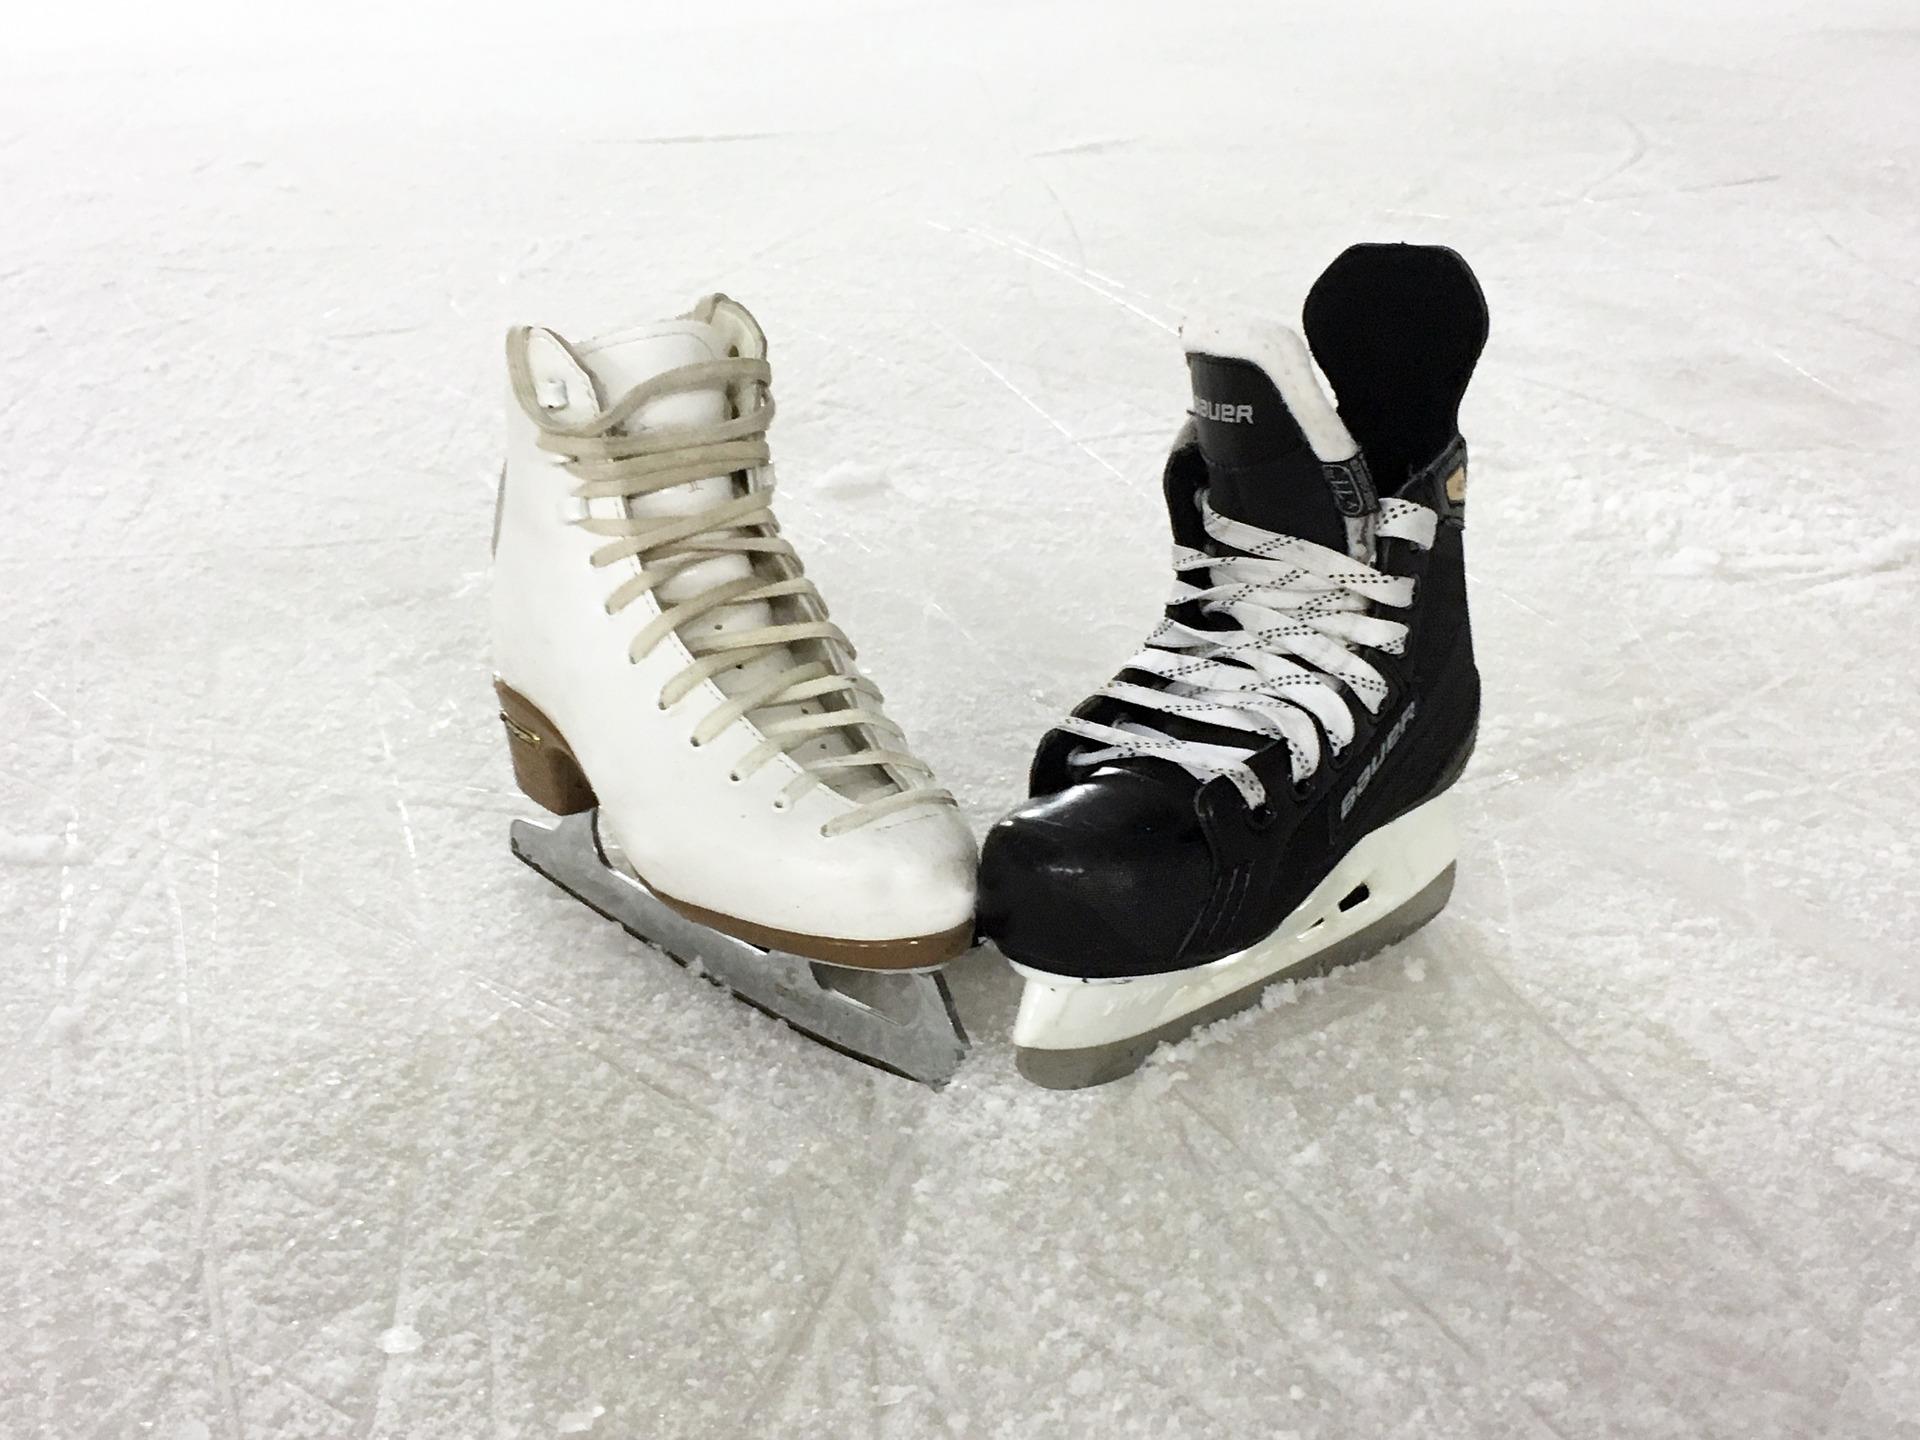 Nouveauté pour la relâche: du patin libre à l'aréna du Collège Bourget!